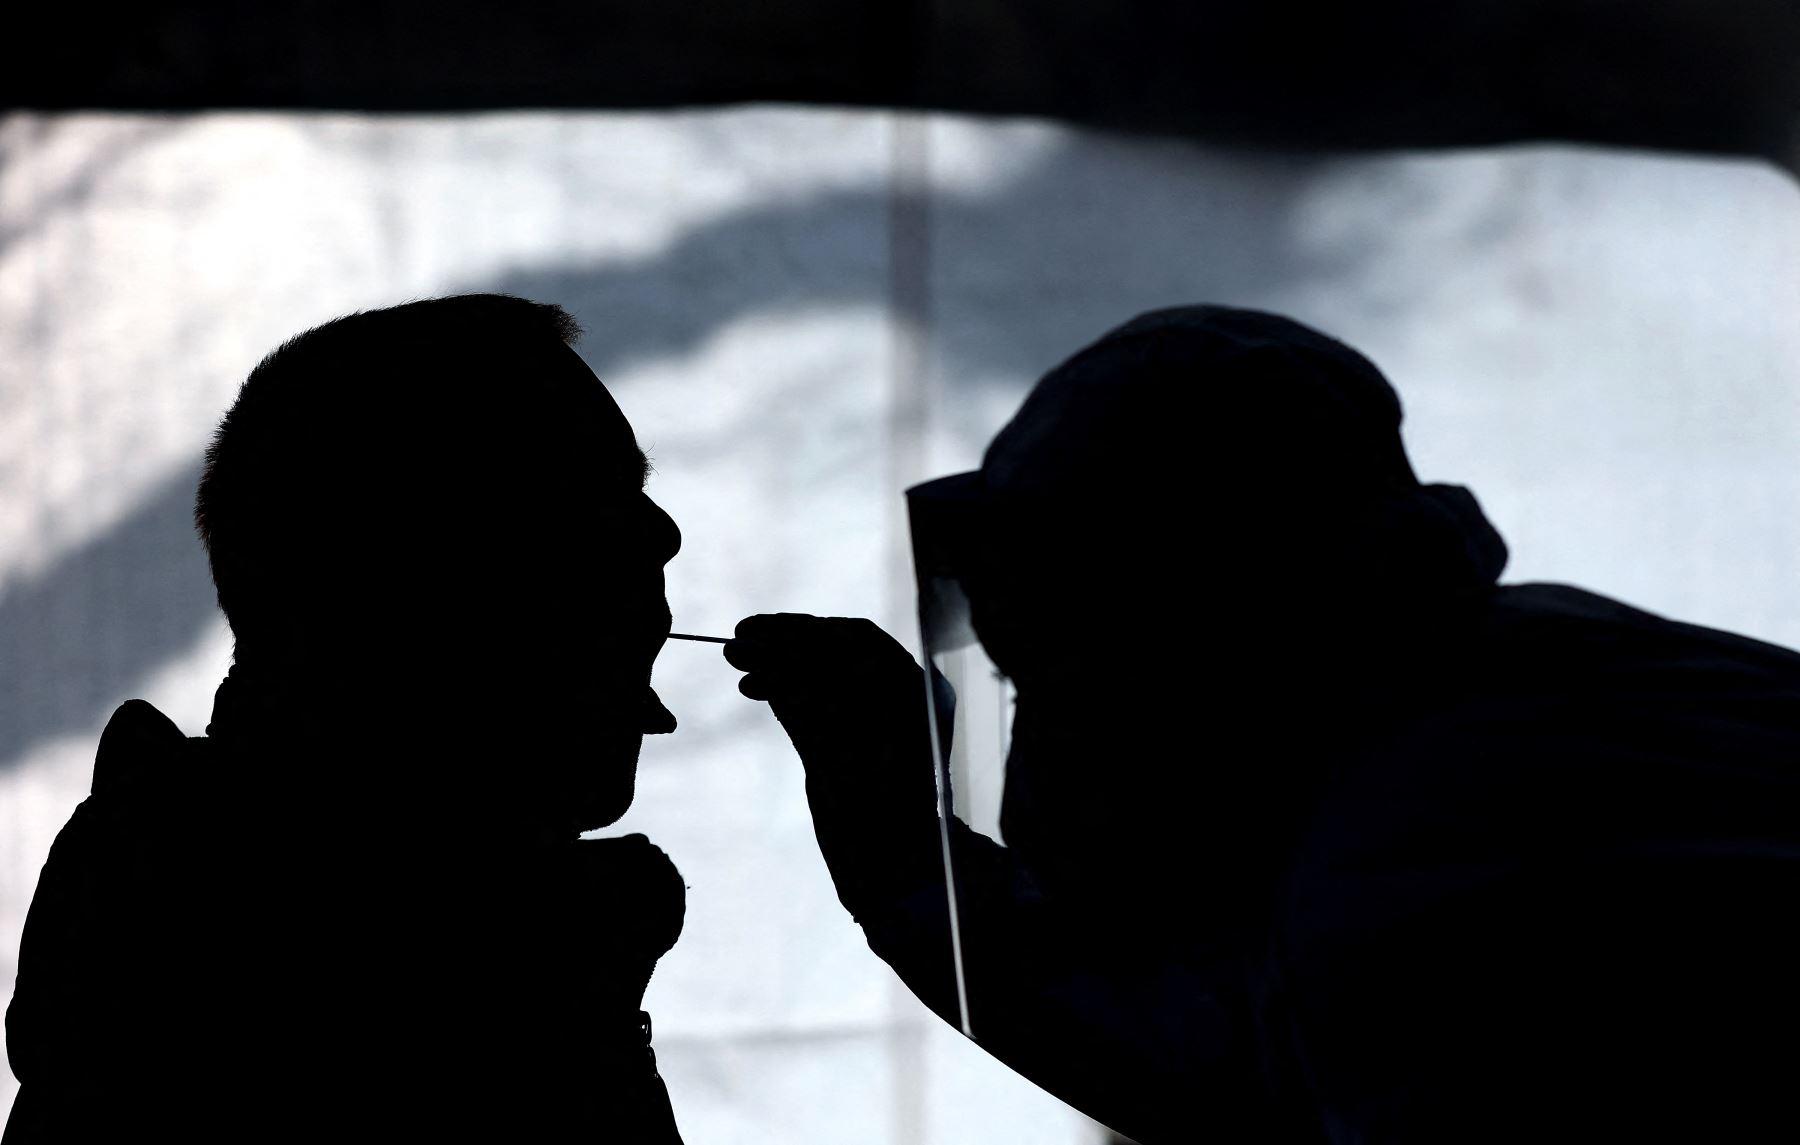 Un trabajador de la salud examina a una persona en un centro gratuito de pruebas rápidas Covid-19 el 3 de febrero de 2021, en Naumburg, Alemania oriental. Foto: AFP